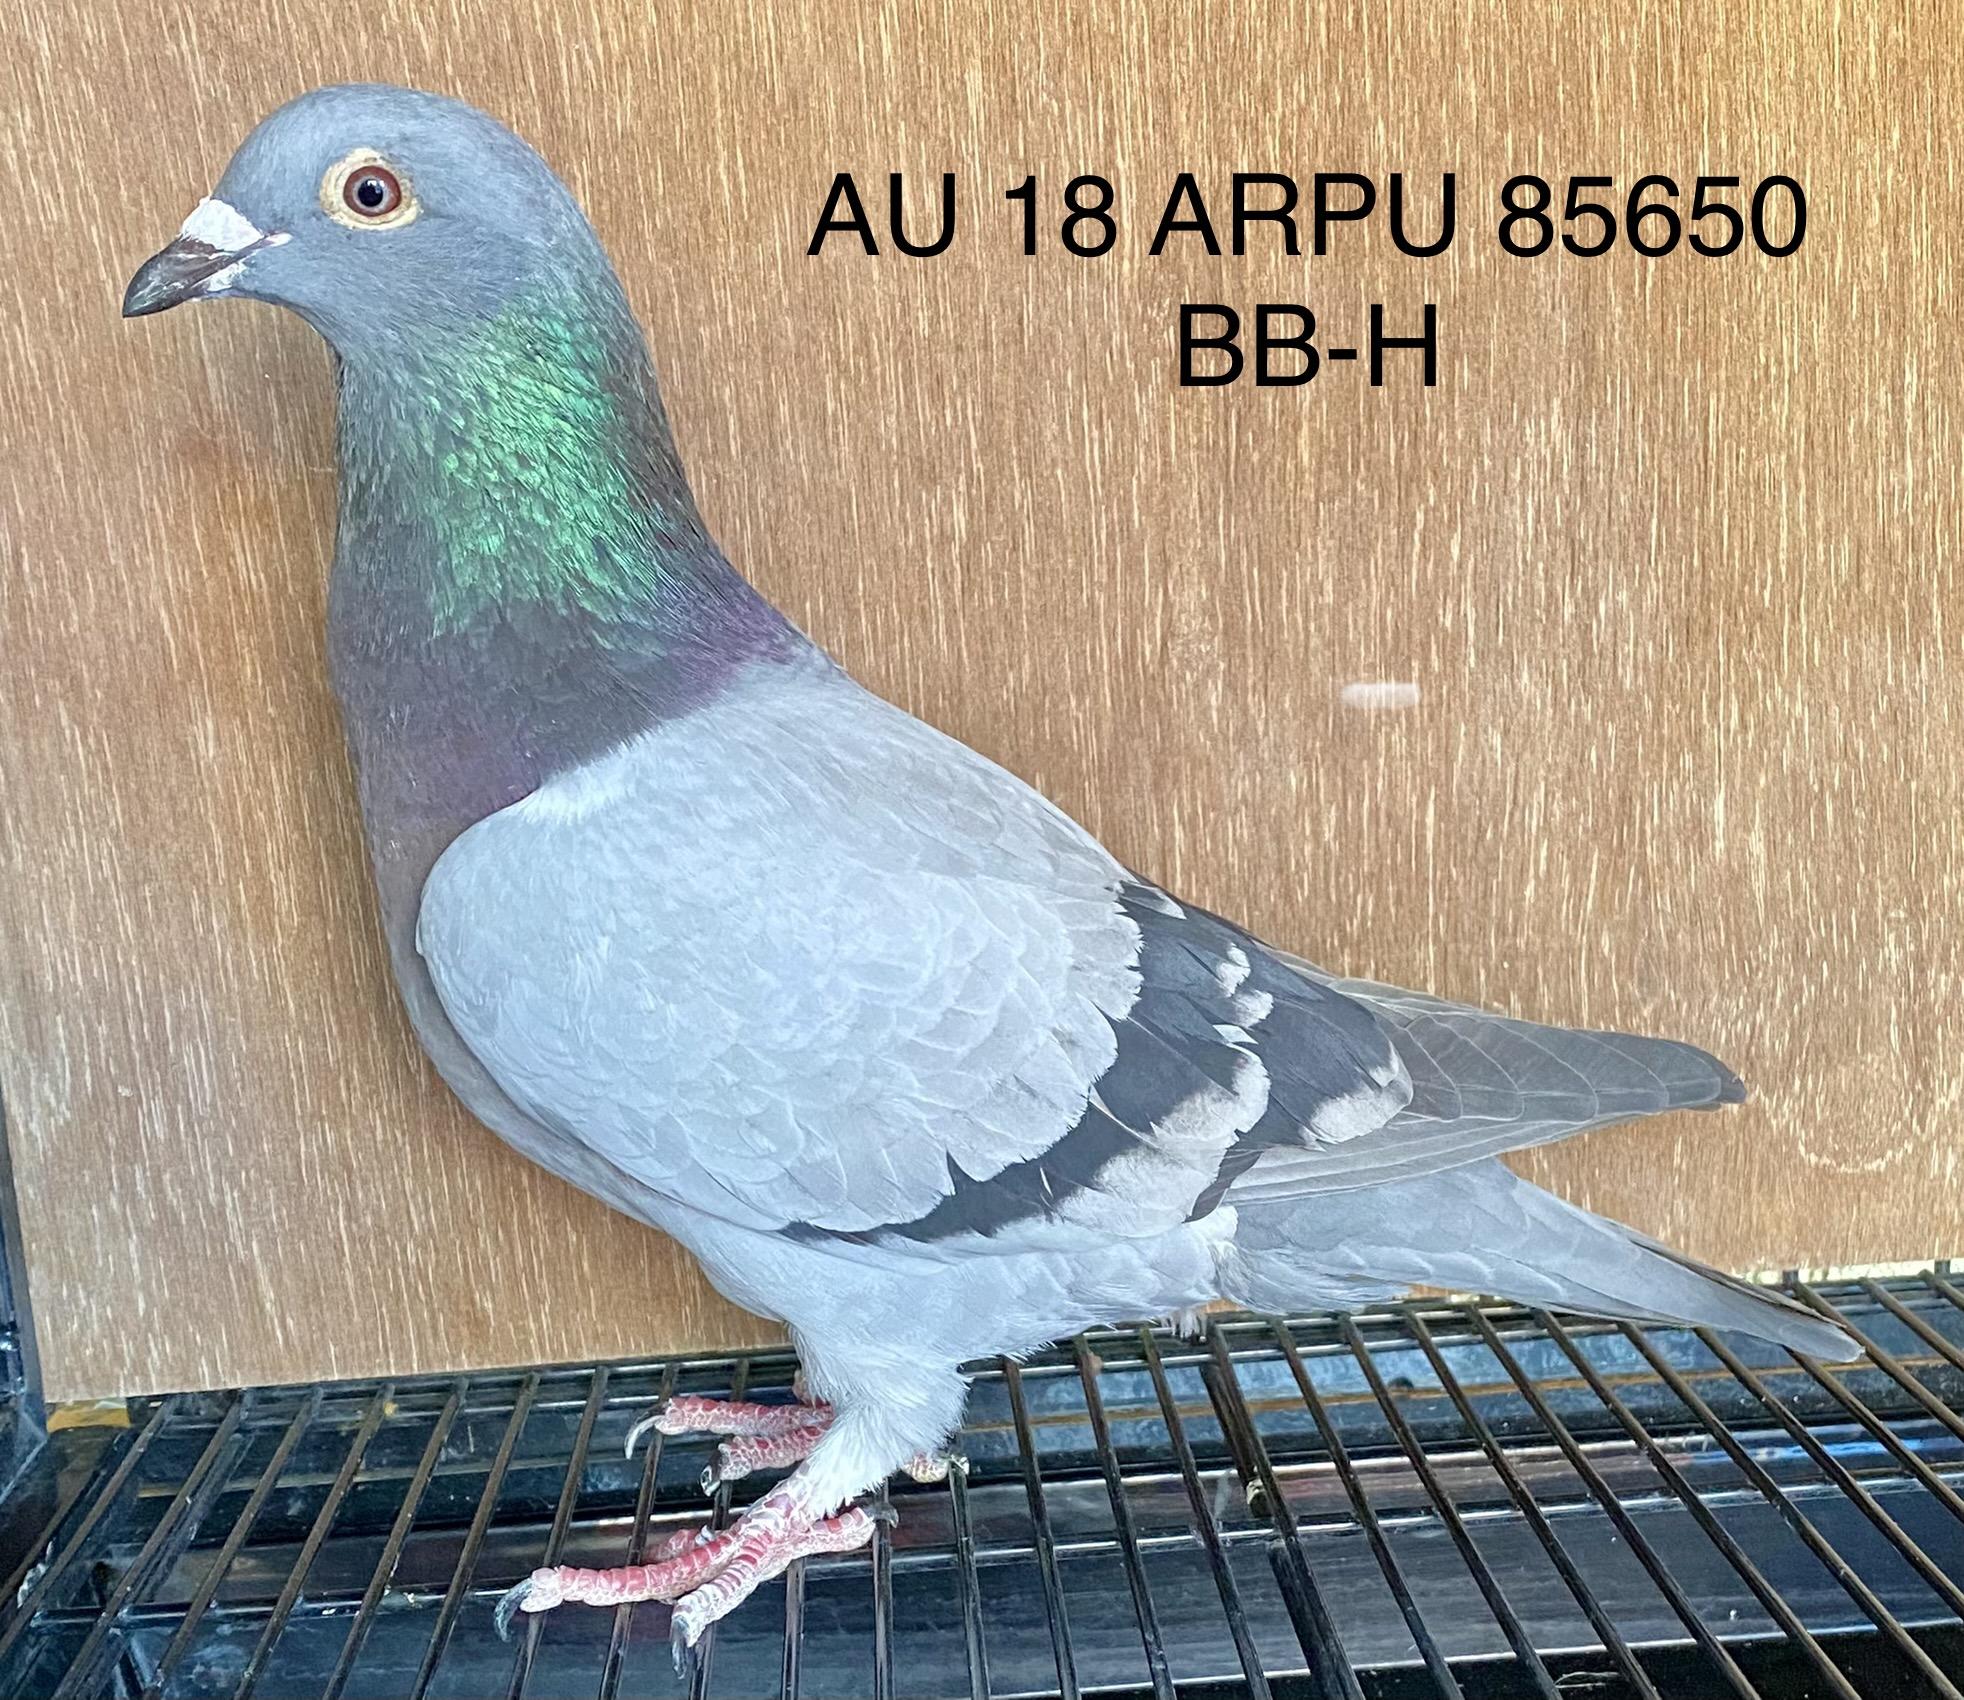 AU 18 ARPU 85650 BB-H